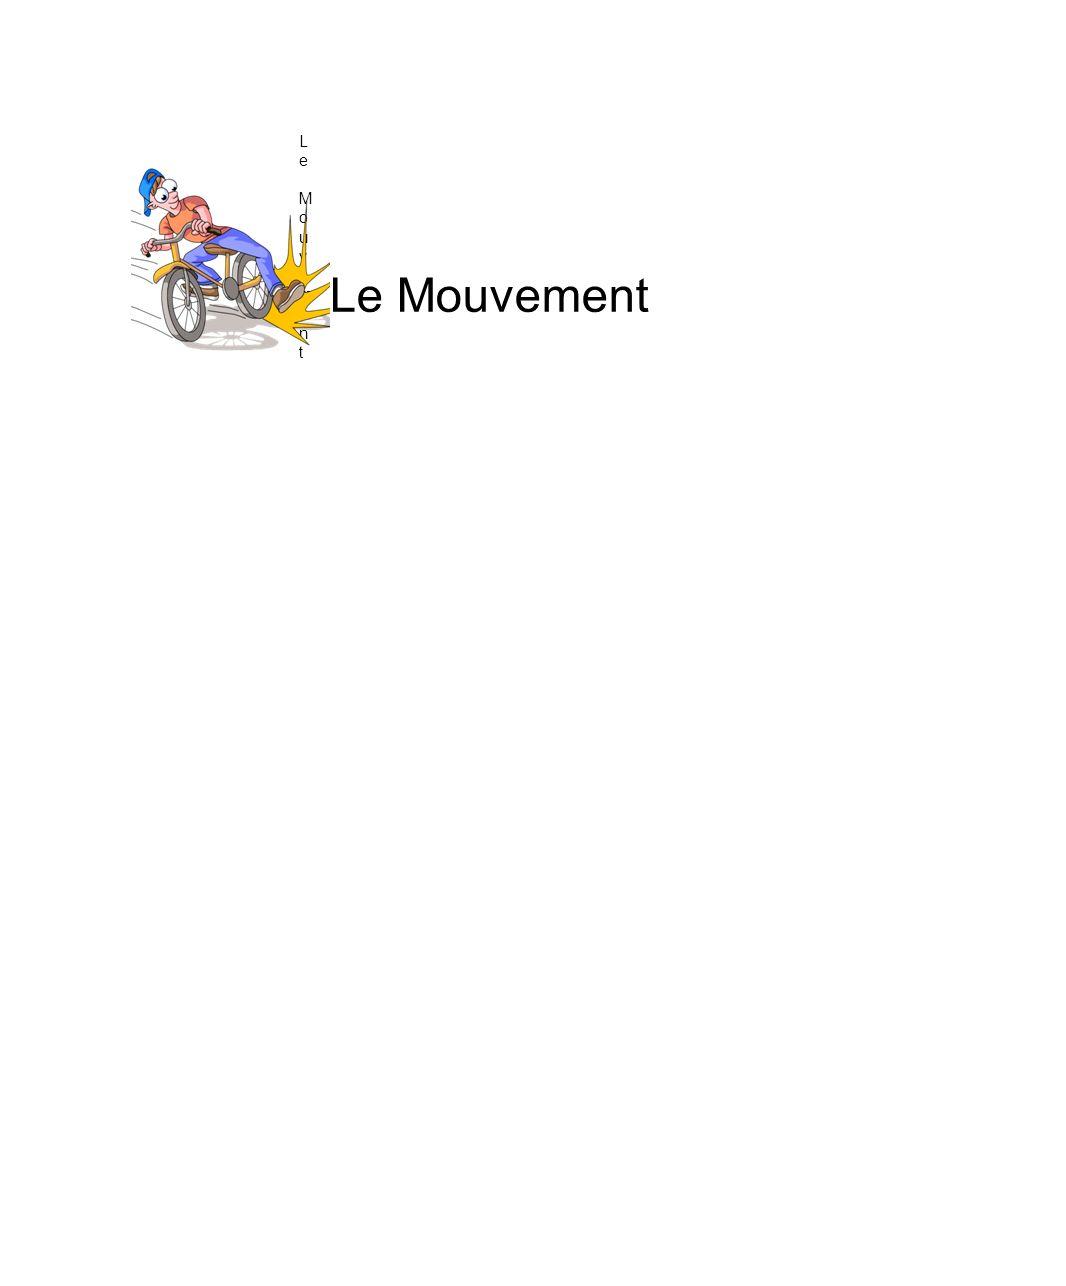 Introduction Ta vie dépend de ta capacité à observer et à analyser le mouvement.